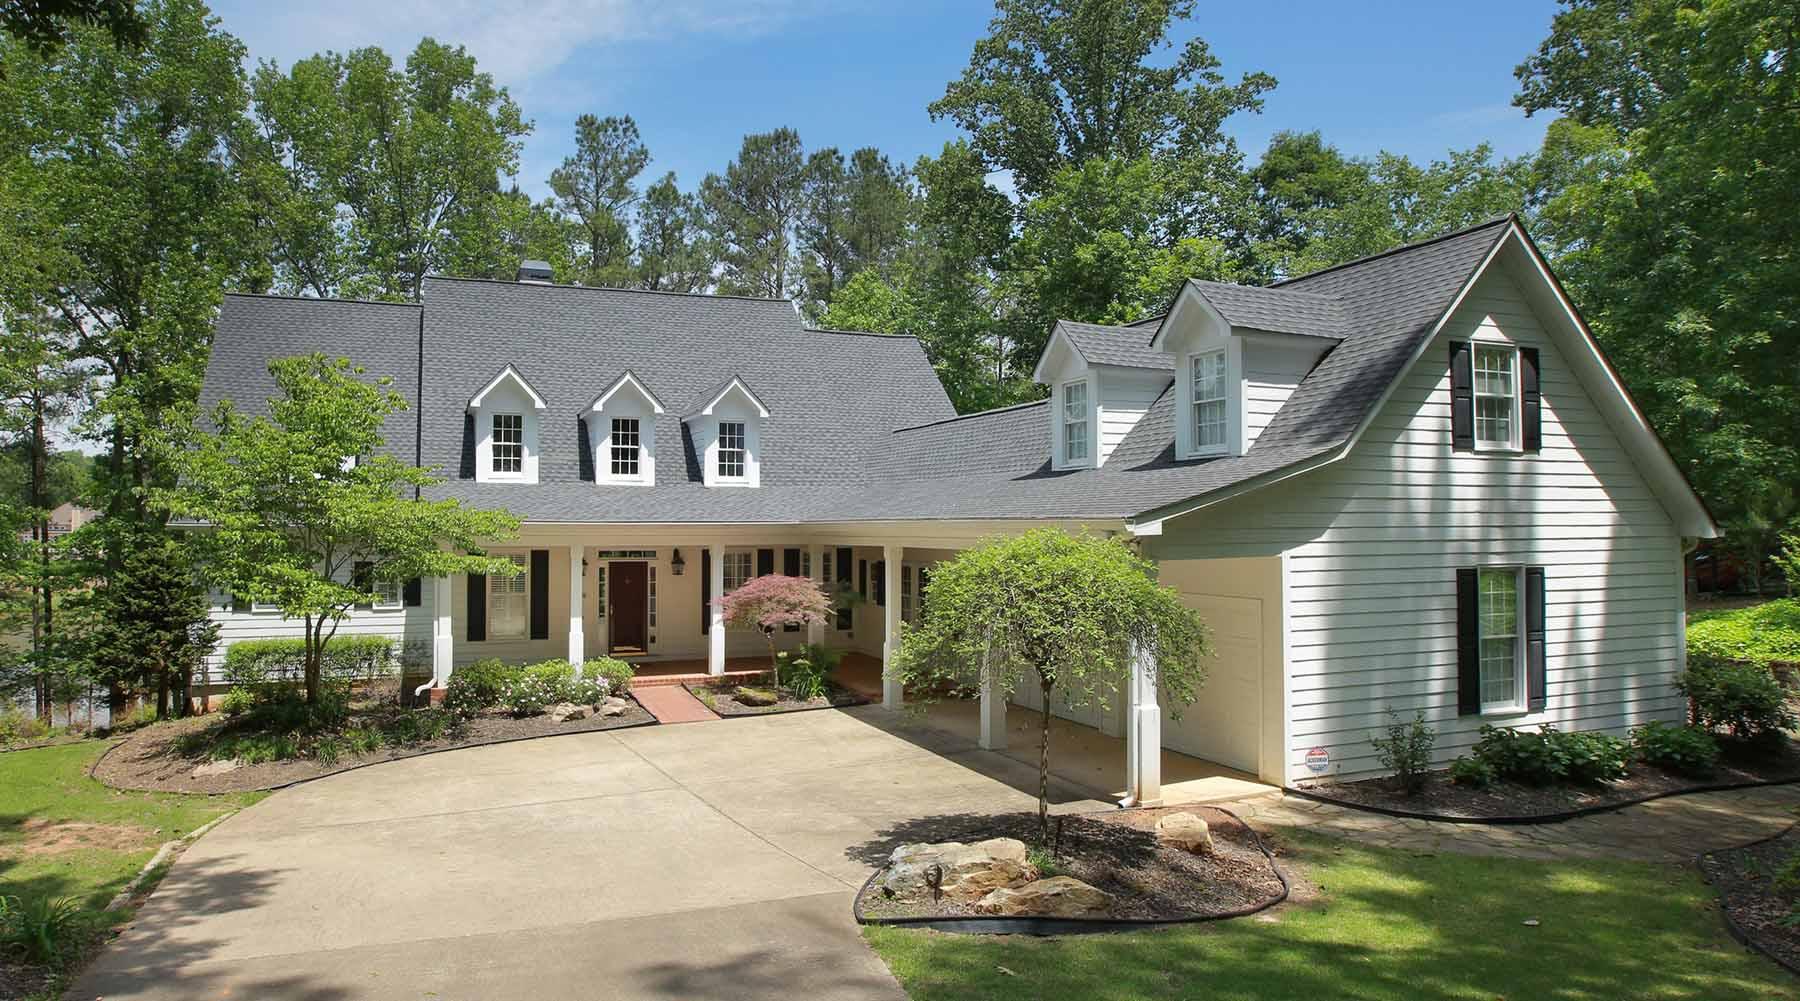 Einfamilienhaus für Verkauf beim Red Lake Gate Terrace 204 Red Gate Terrace Canton, Georgia, 30115 Vereinigte Staaten